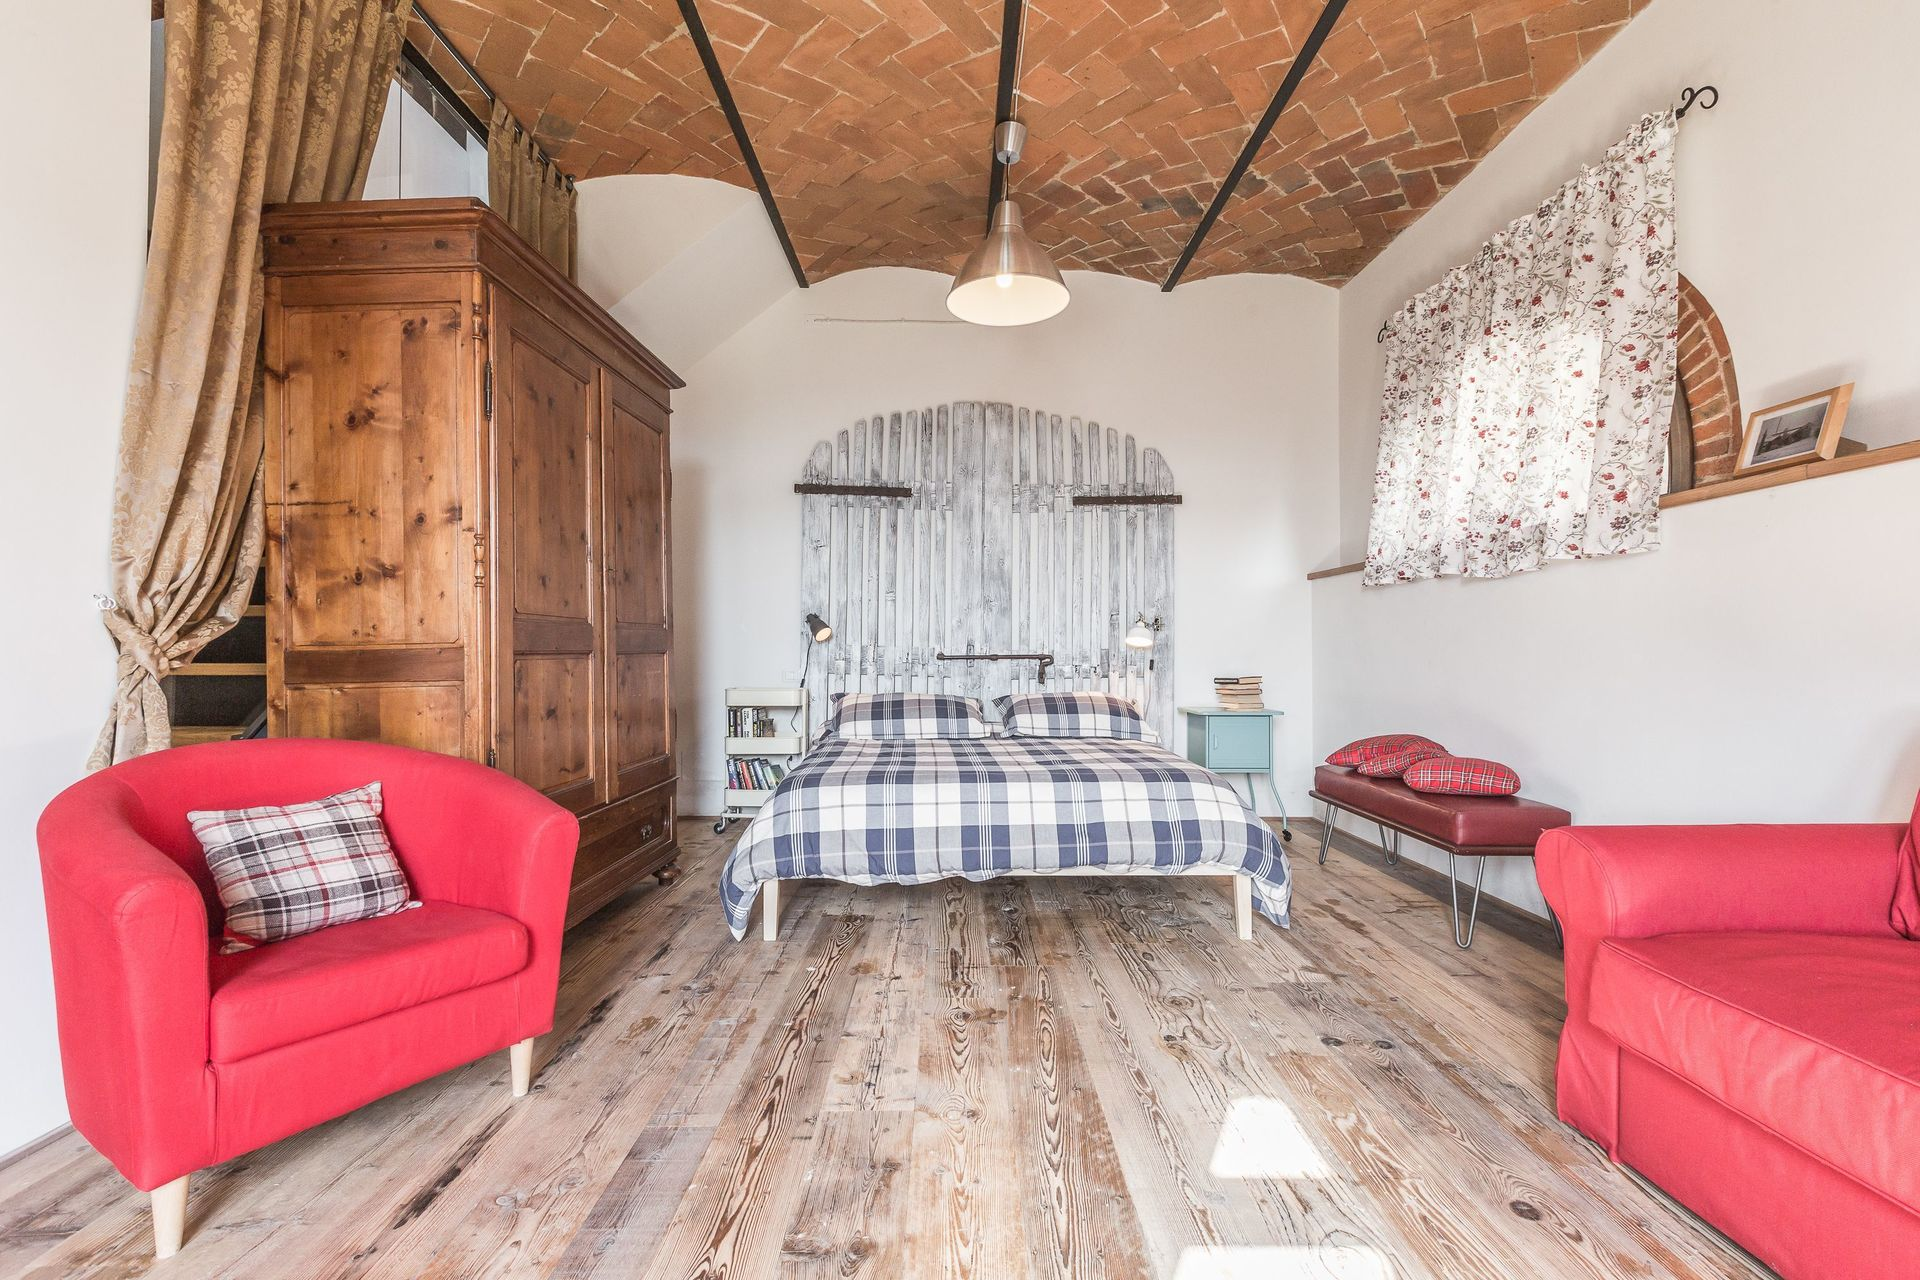 Fienile di primo casa vacanze con 6 posti letto in 1 for Branson cabin rentals 4 camere da letto